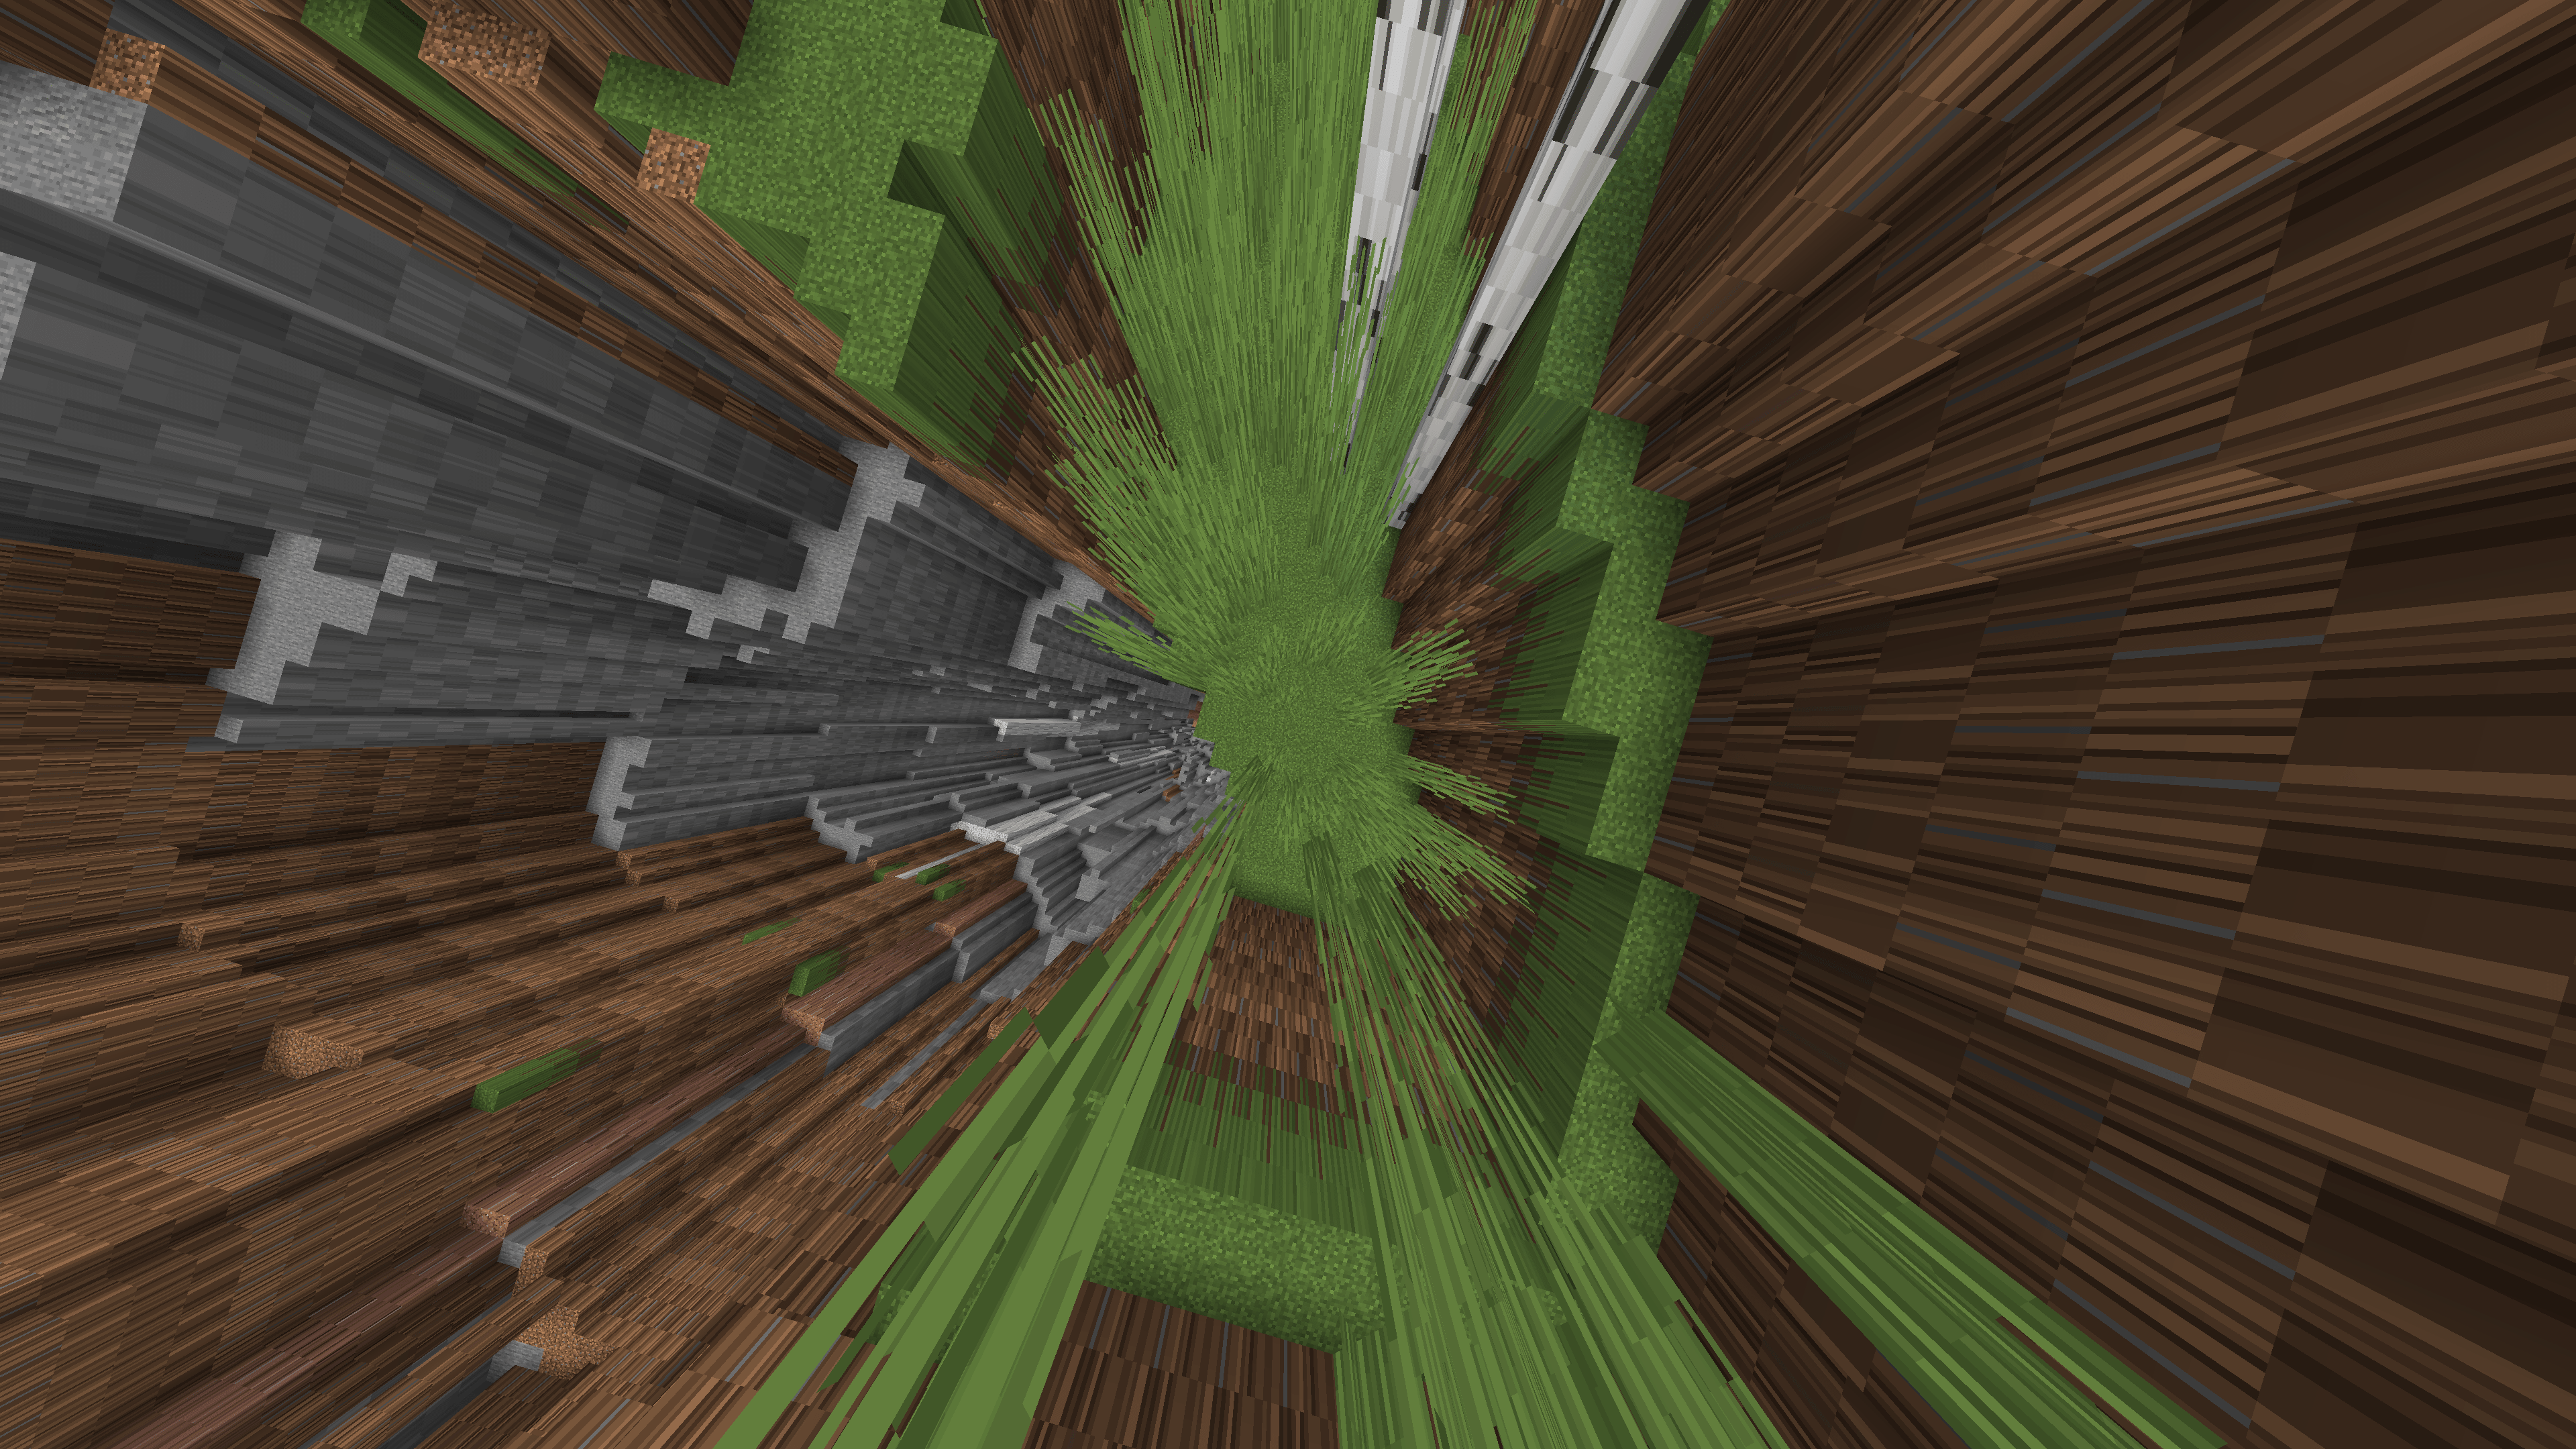 Immagine 1 - tutto stirato e rigirato, il campo visivo in Minecraft è troppo alto!